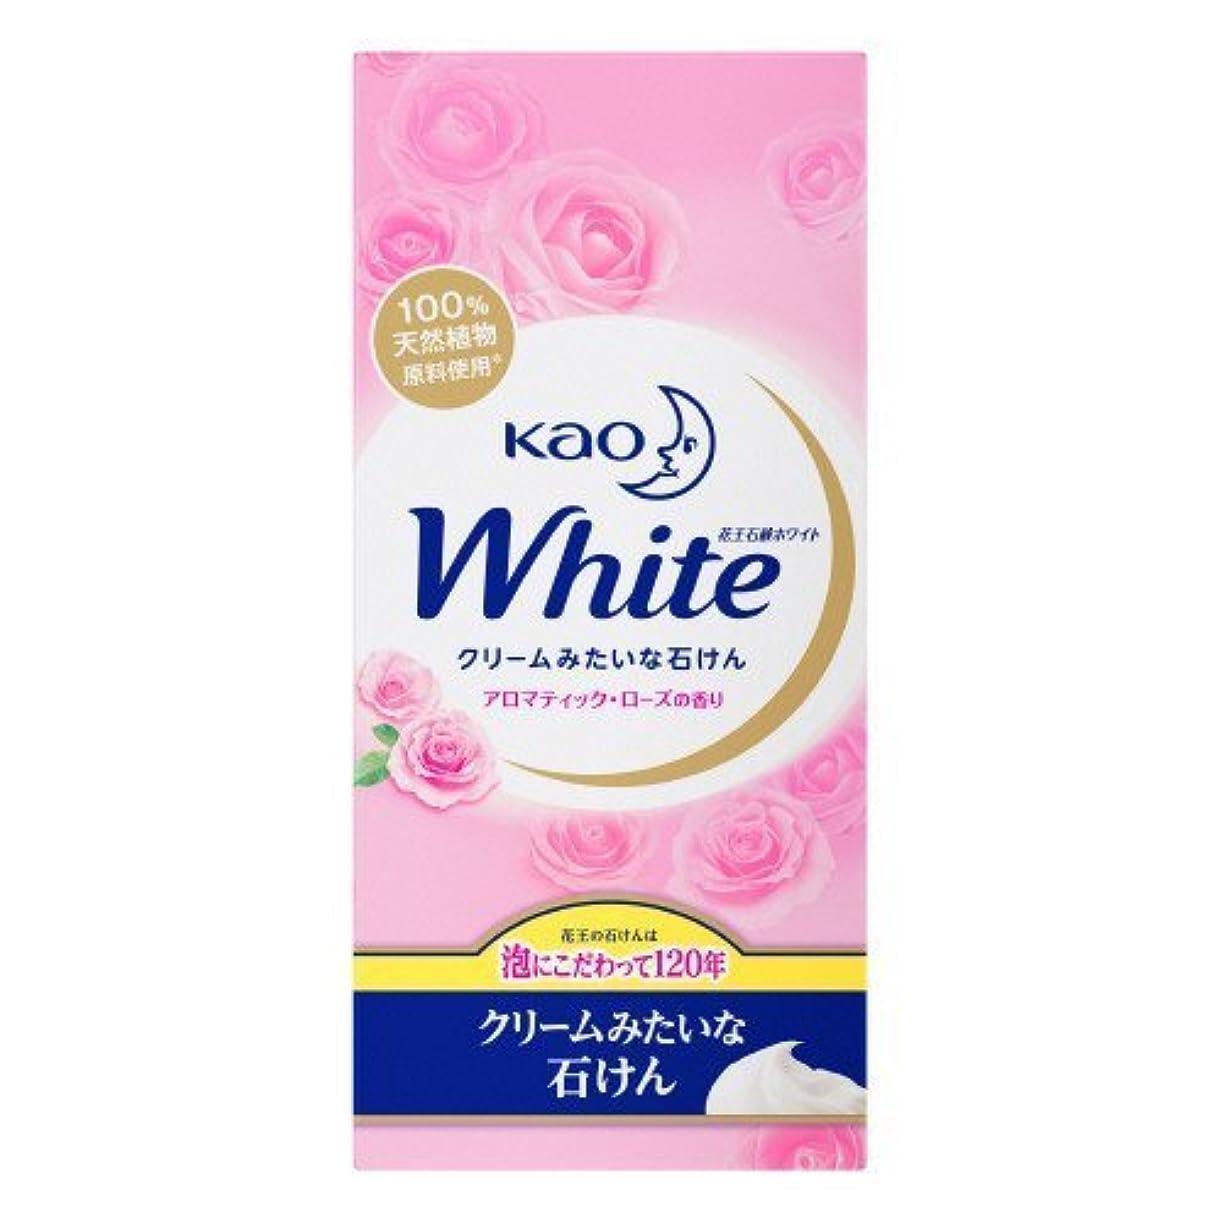 負荷を除くニックネーム【花王】花王ホワイト アロマティックローズの香りレギュラーサイズ (85g×6個) ×10個セット